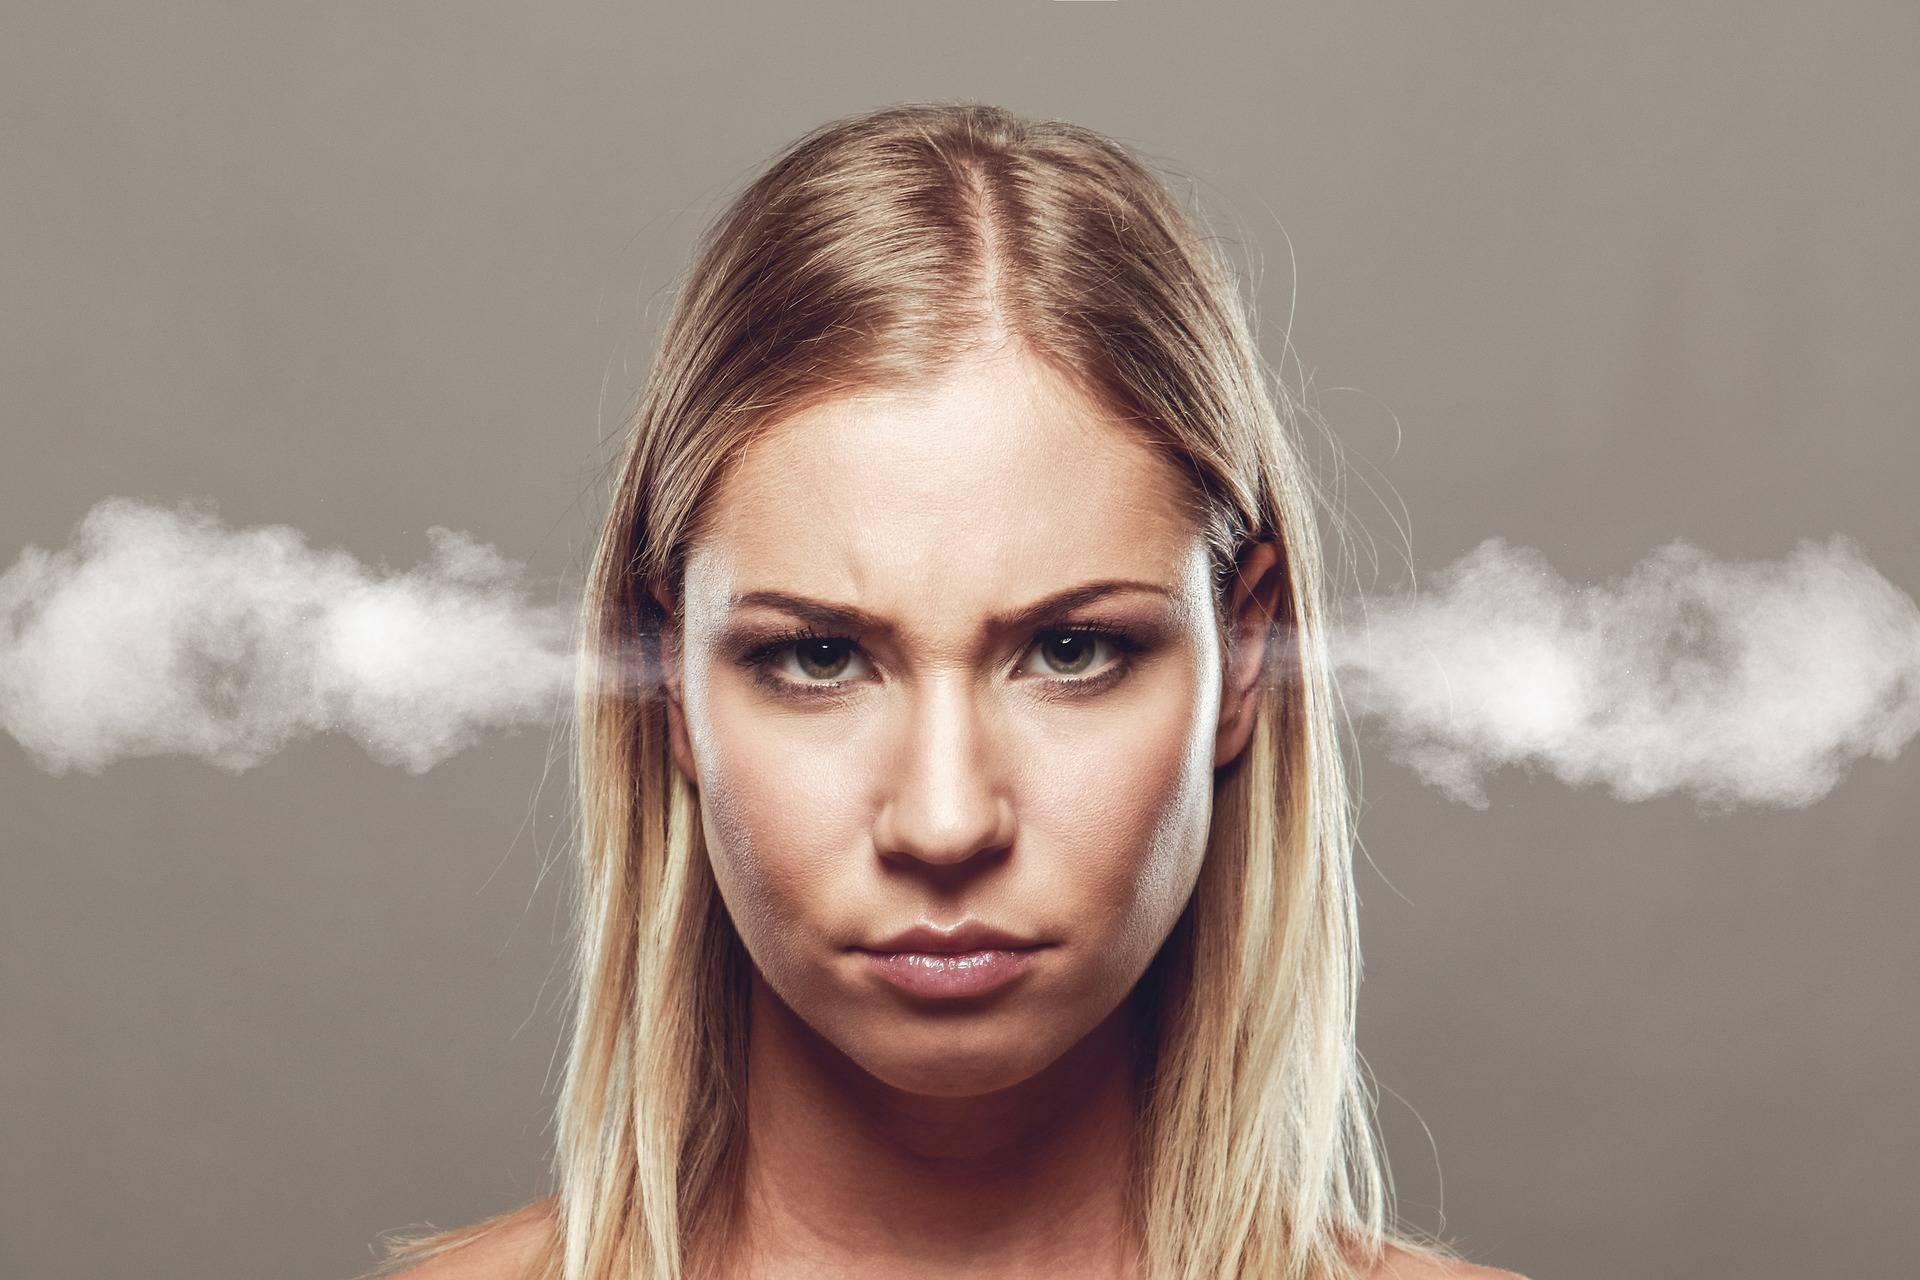 Kad riječi bole: Evo zašto se ne treba javljati bivšim ljubavima